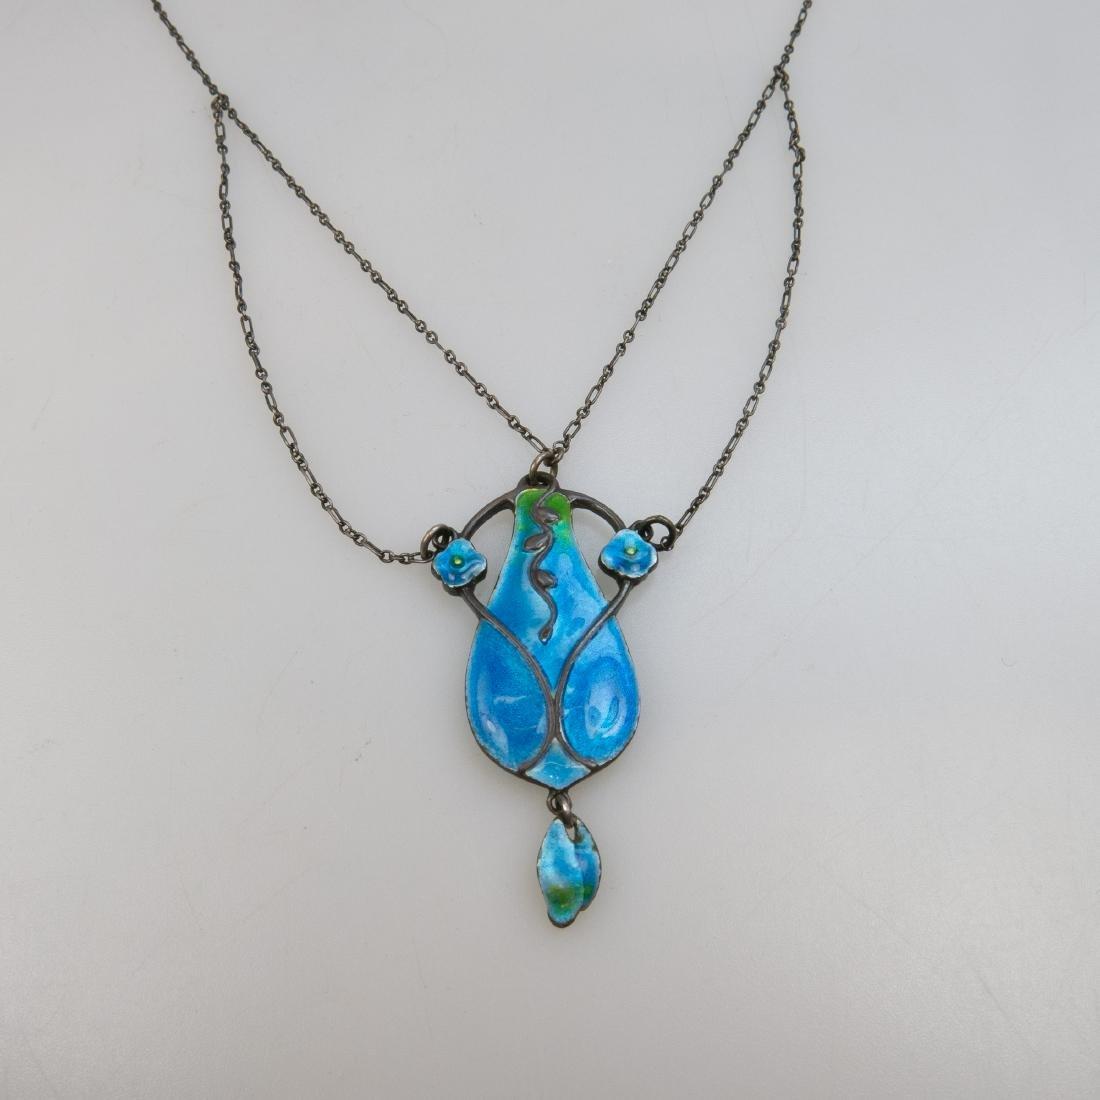 Murrle Bennett 950 Grade Silver Arts & Crafts Pendant